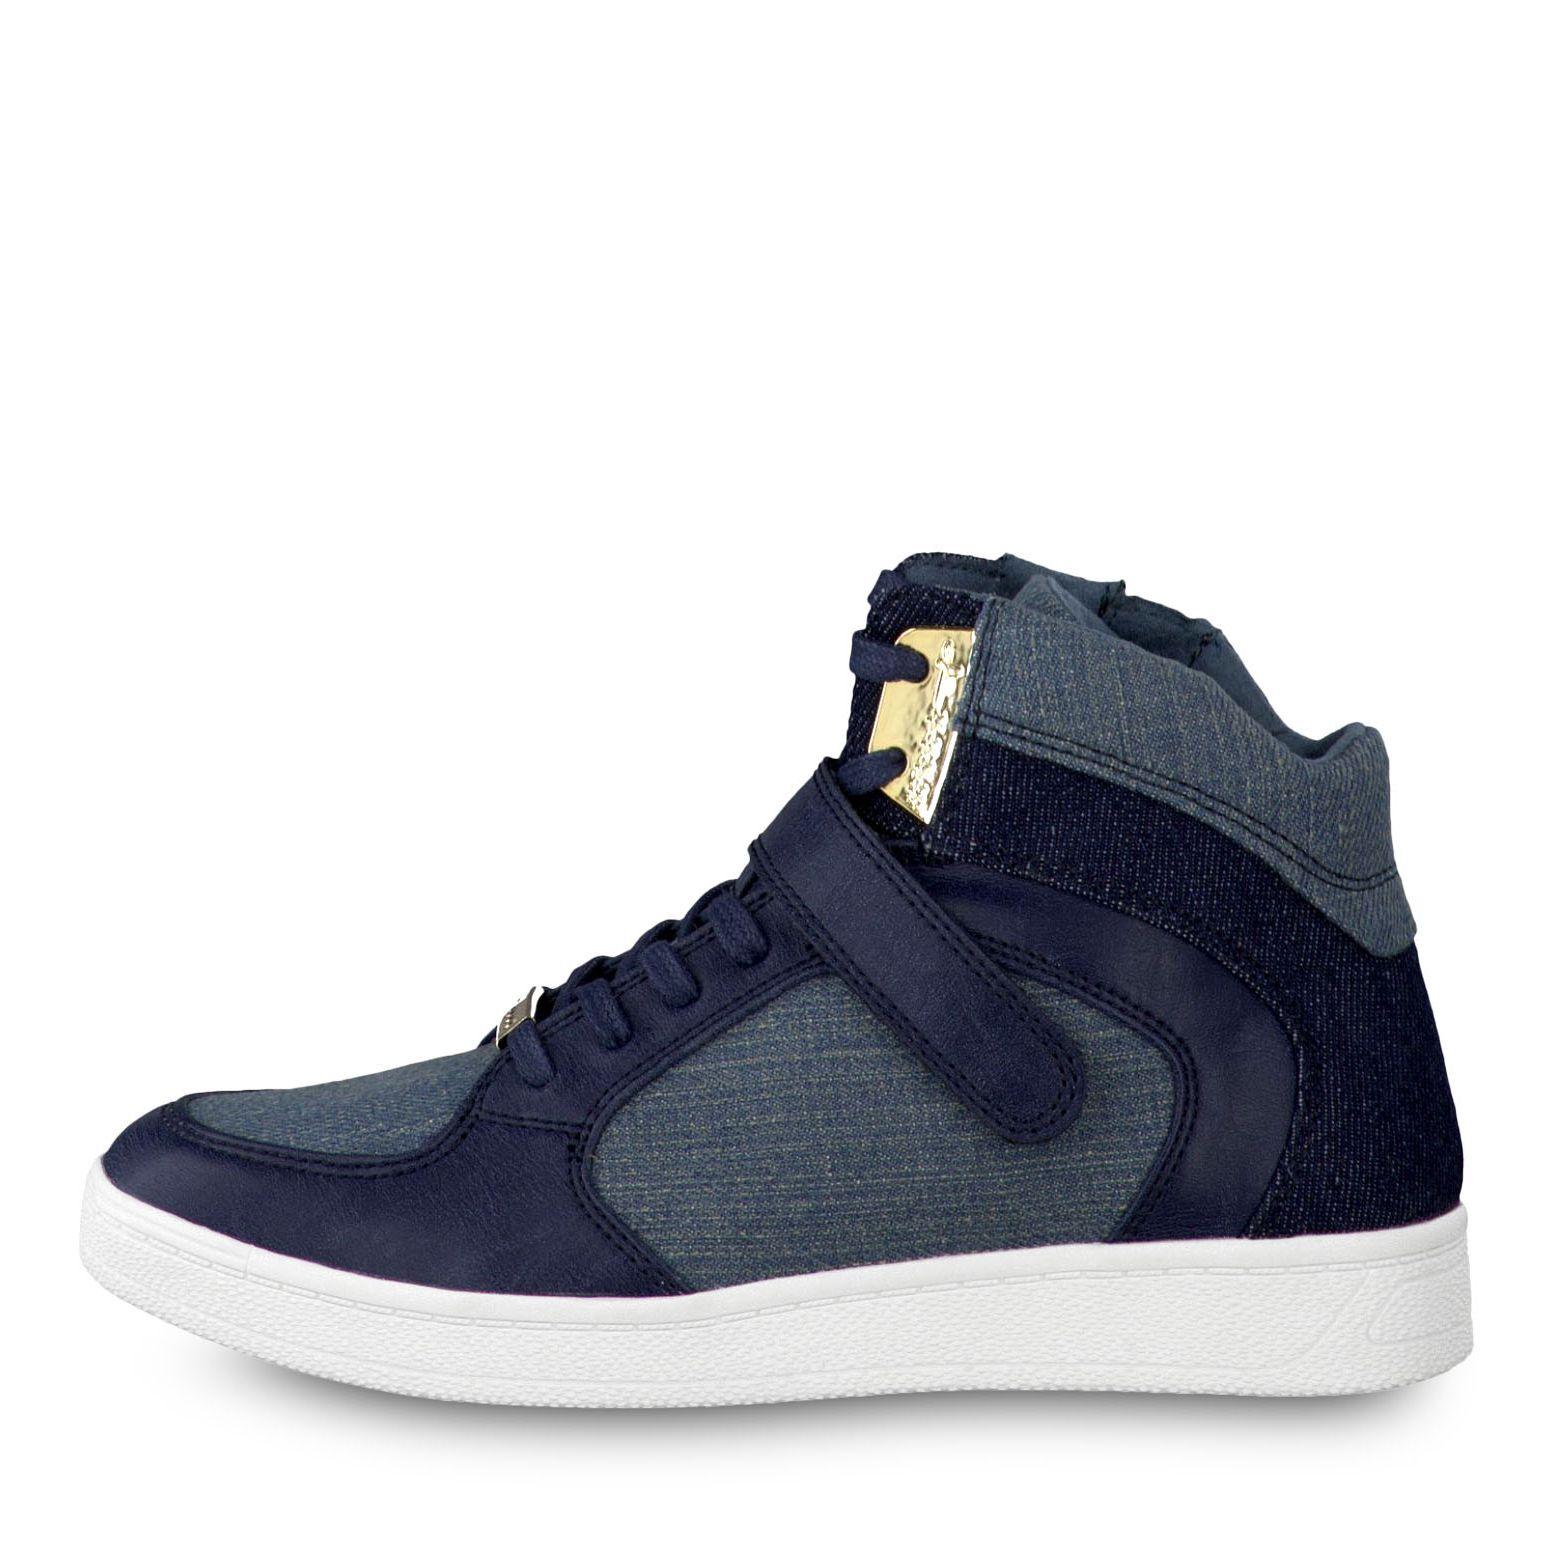 Classique d'automne Chaussures en cuir Bleu 8m0PSLGa4